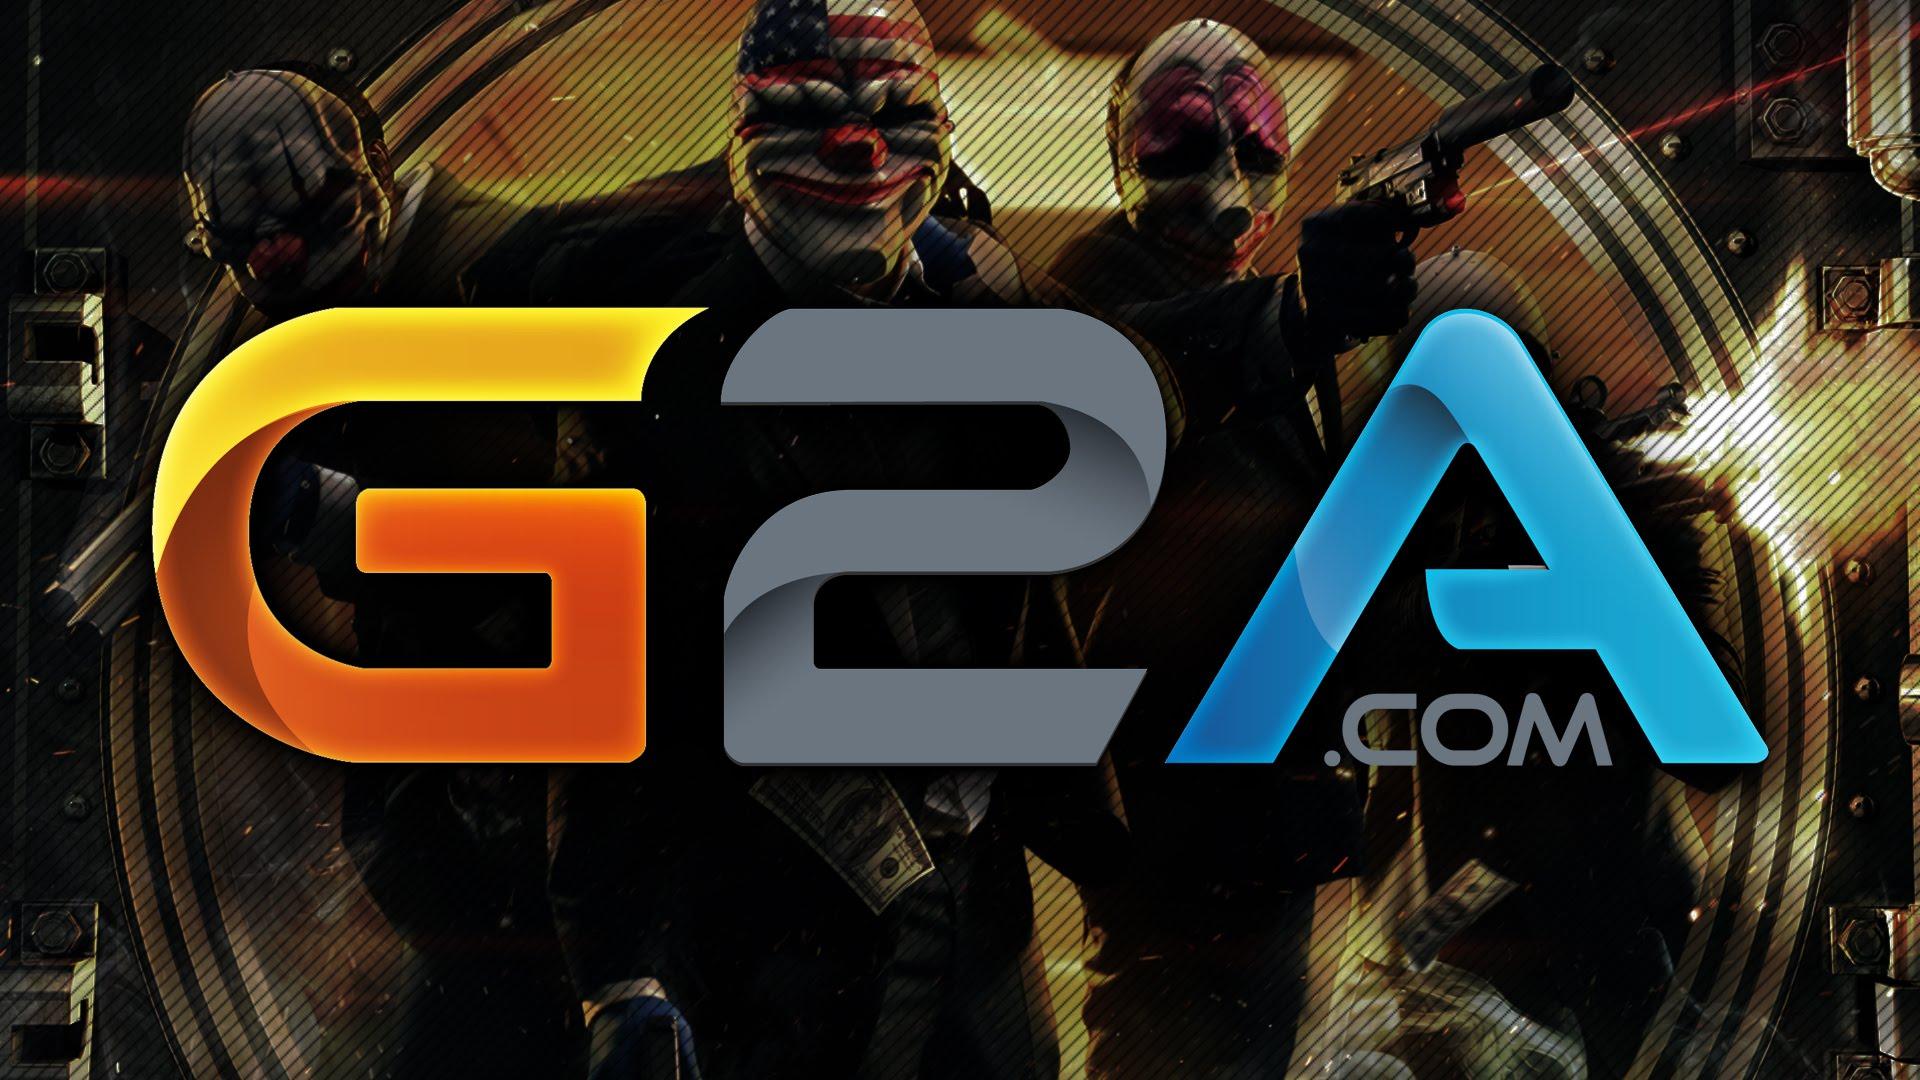 G2A.com Nedir?